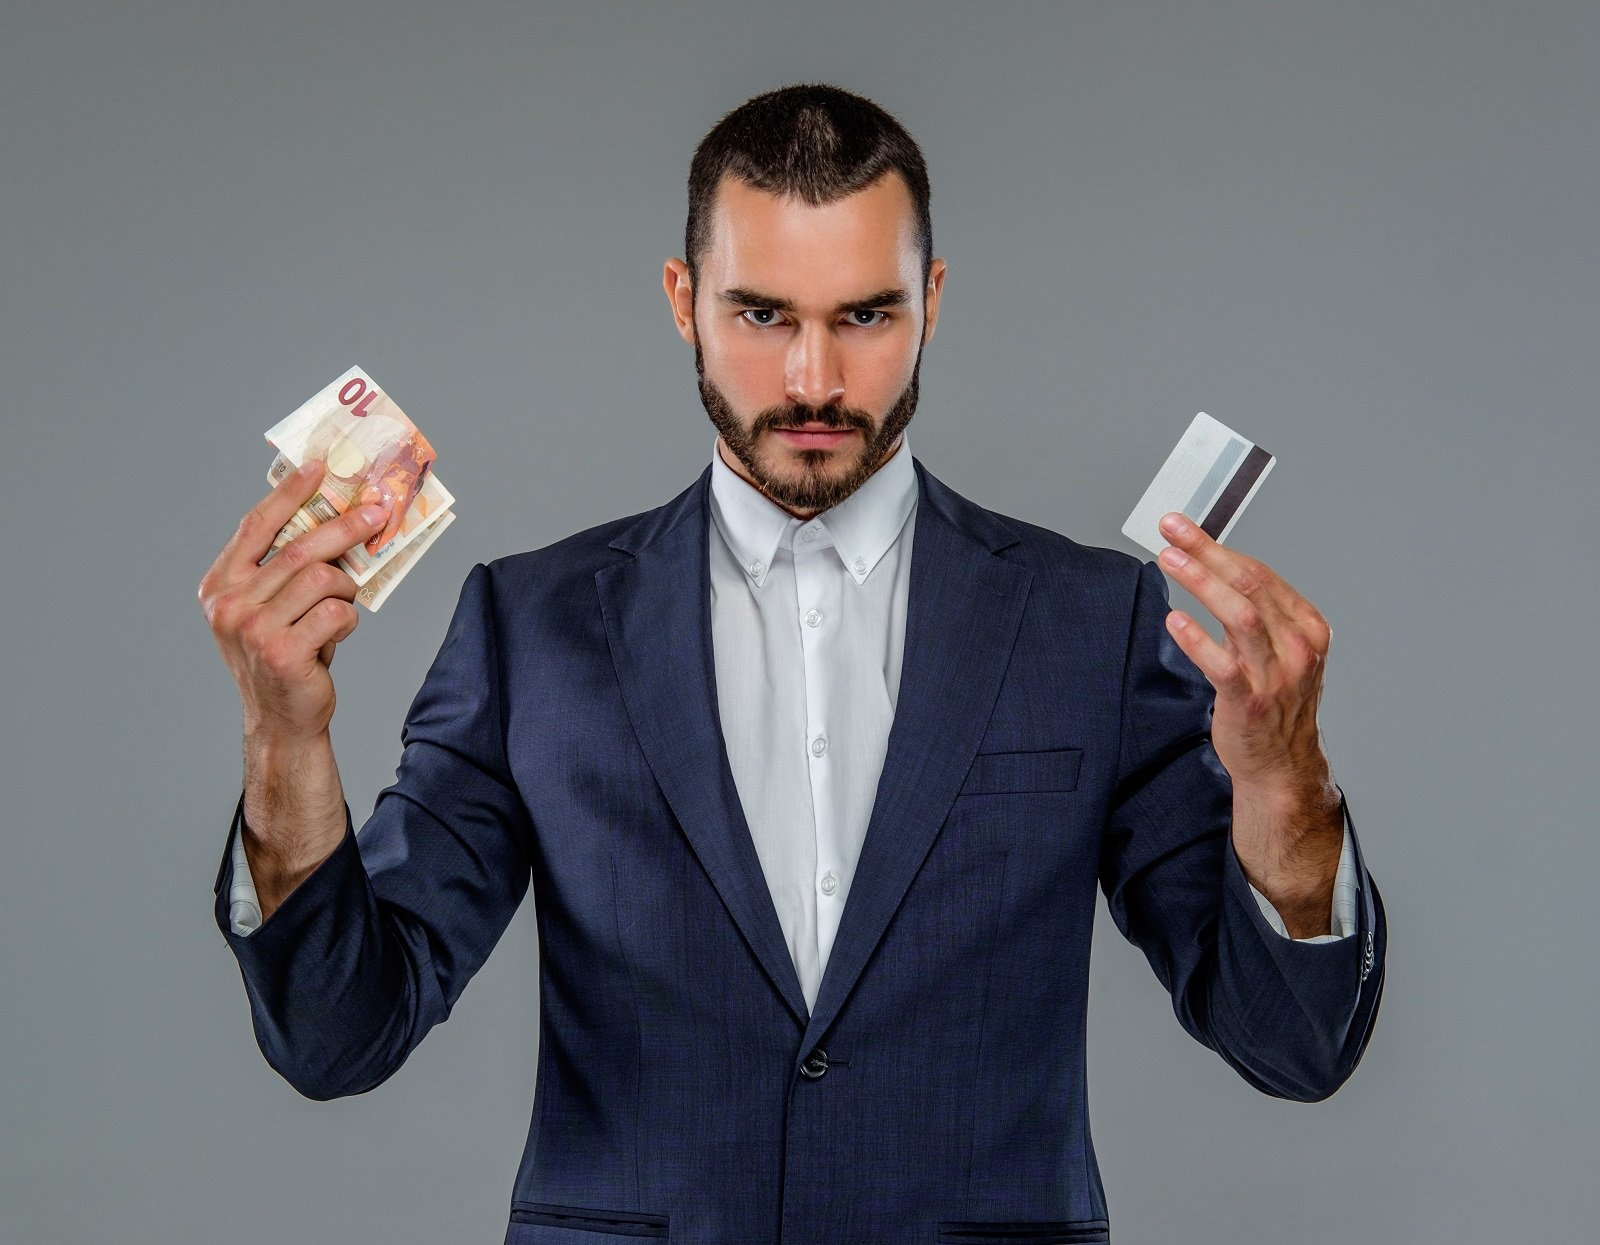 mann mit Geld und Karte in der Hand